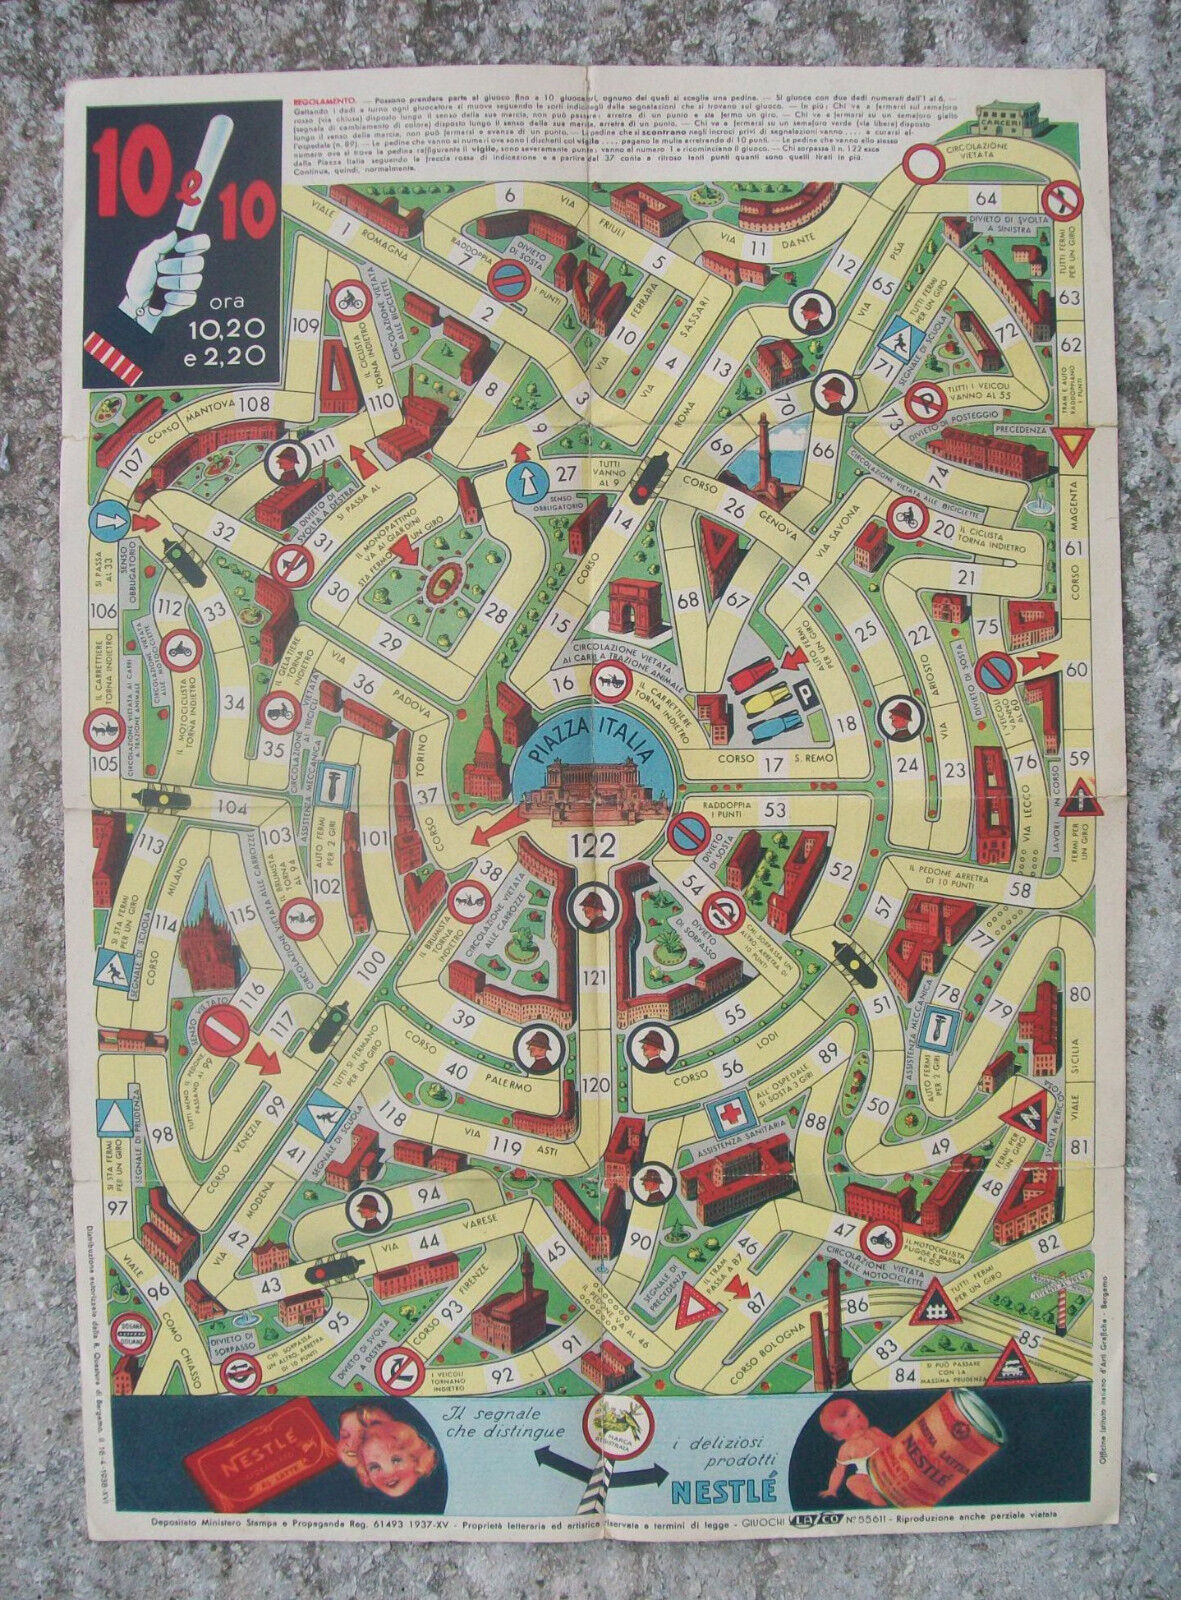 10 e 10 GIOCO DELL'OCA Omaggio della Società Nestle'  Milano - 1938  prezzo all'ingrosso